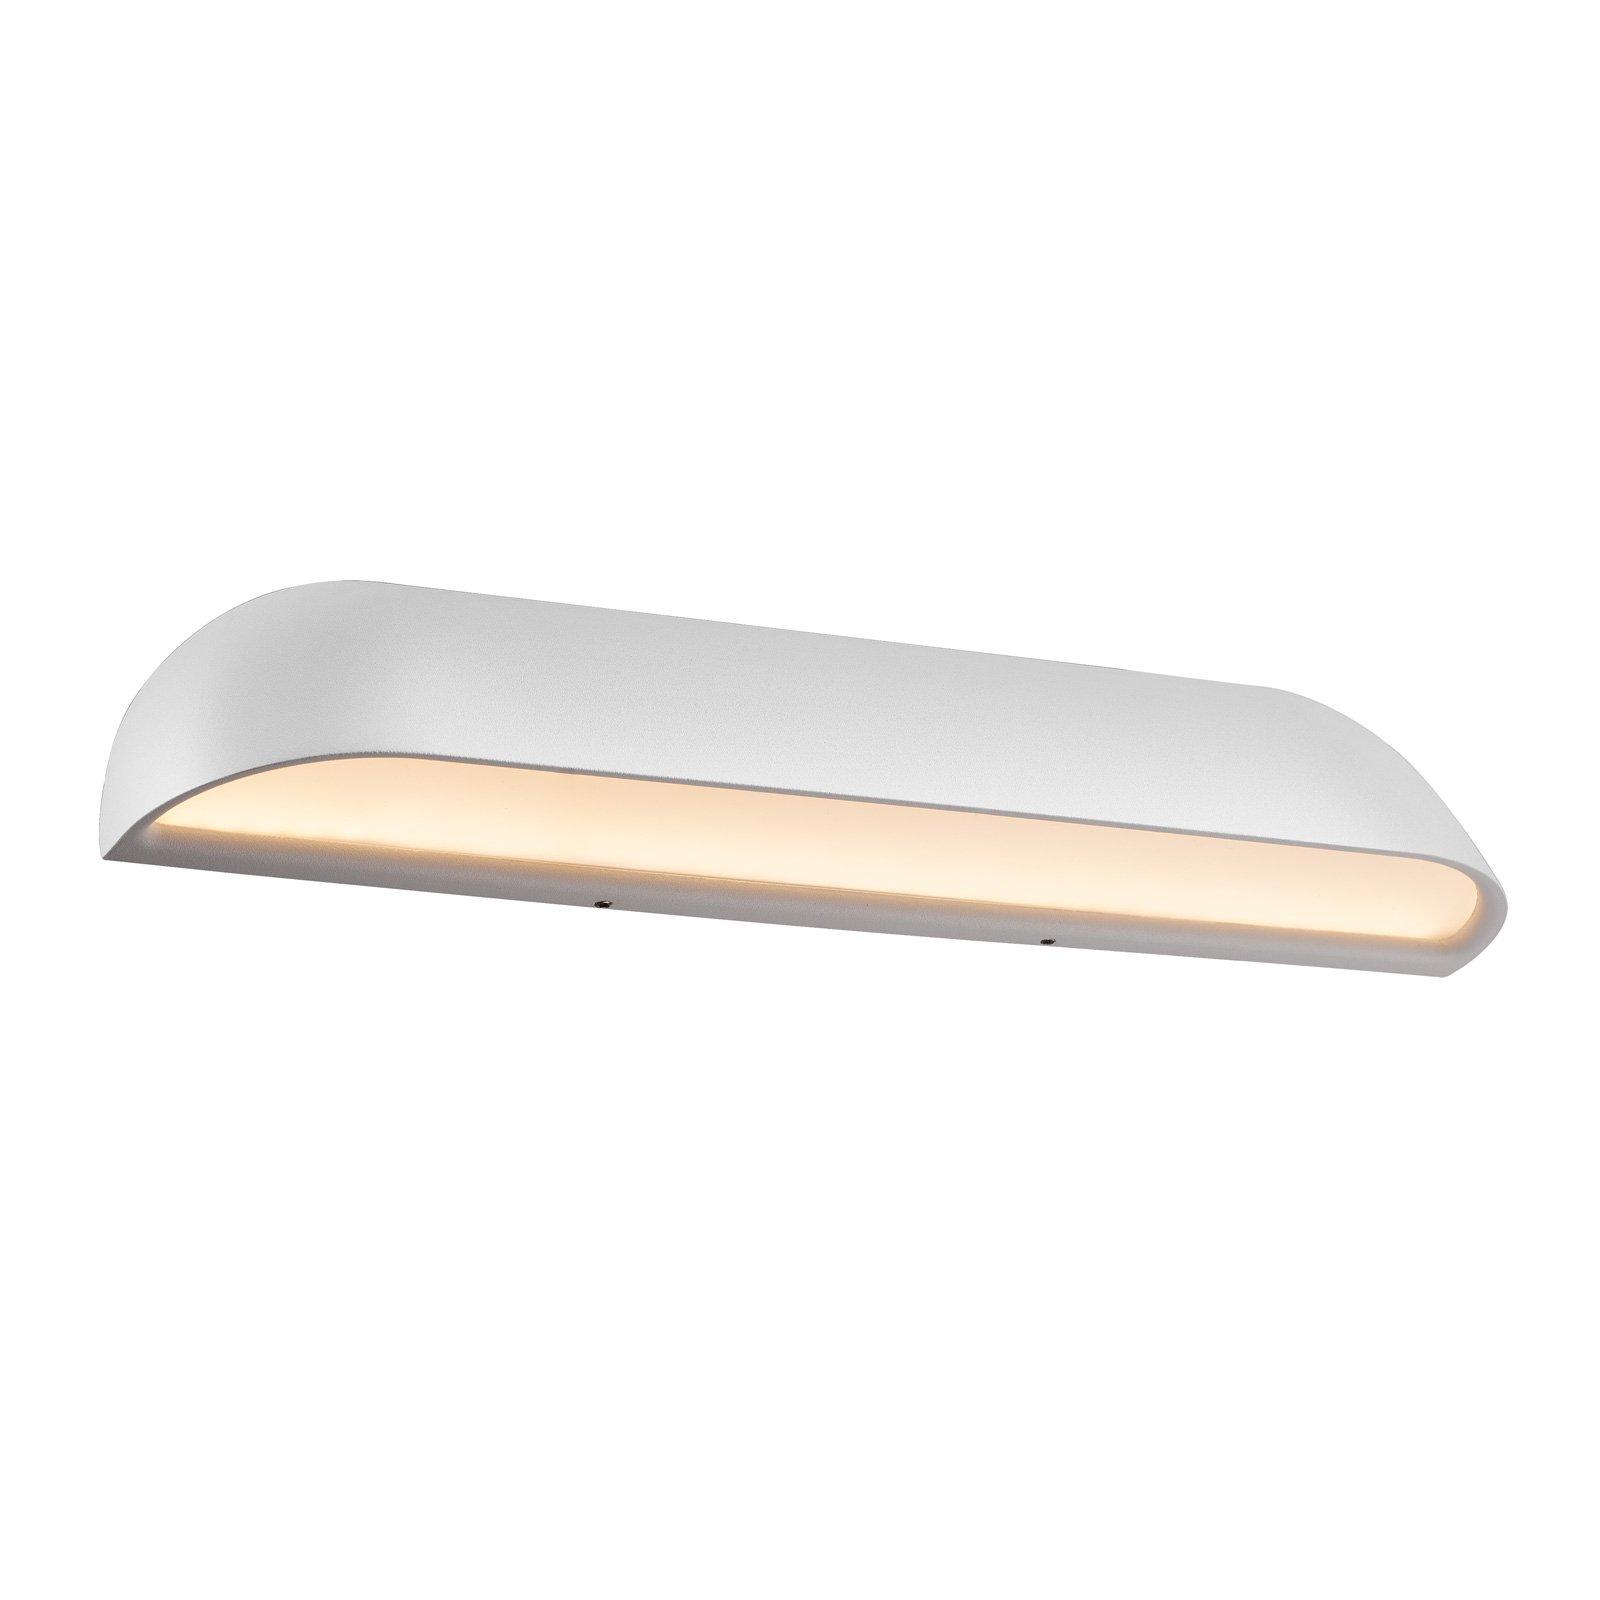 Utendørs LED-vegglampe Front 36, hvit